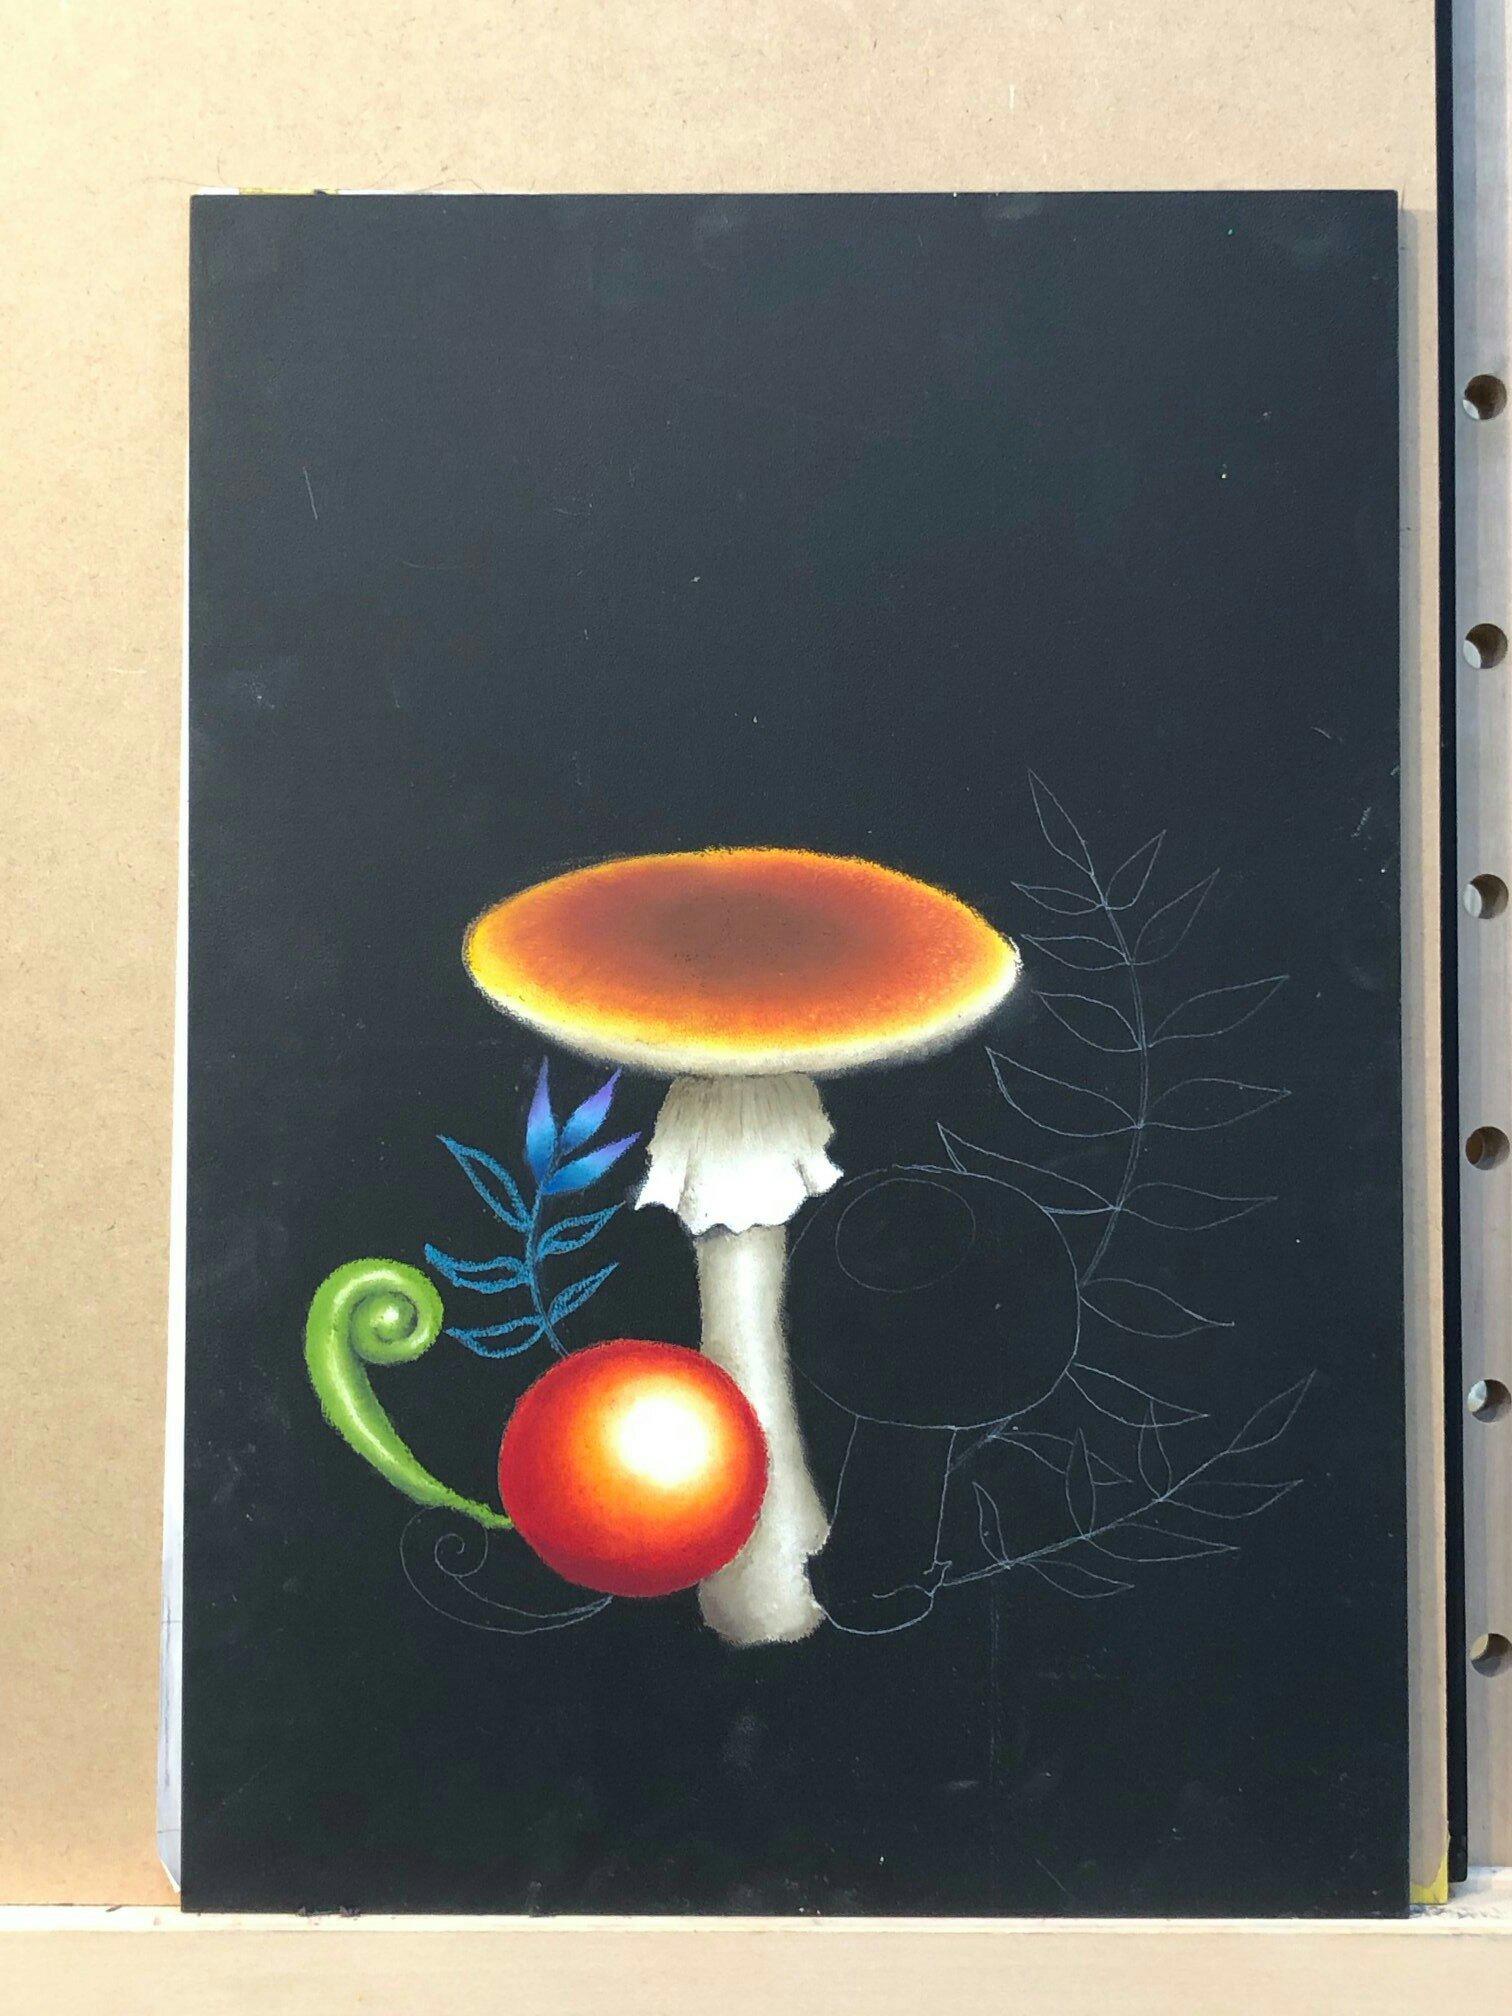 チョークアート  chalkart  基礎過程  レッスン  キノコ  茸  赤い球体